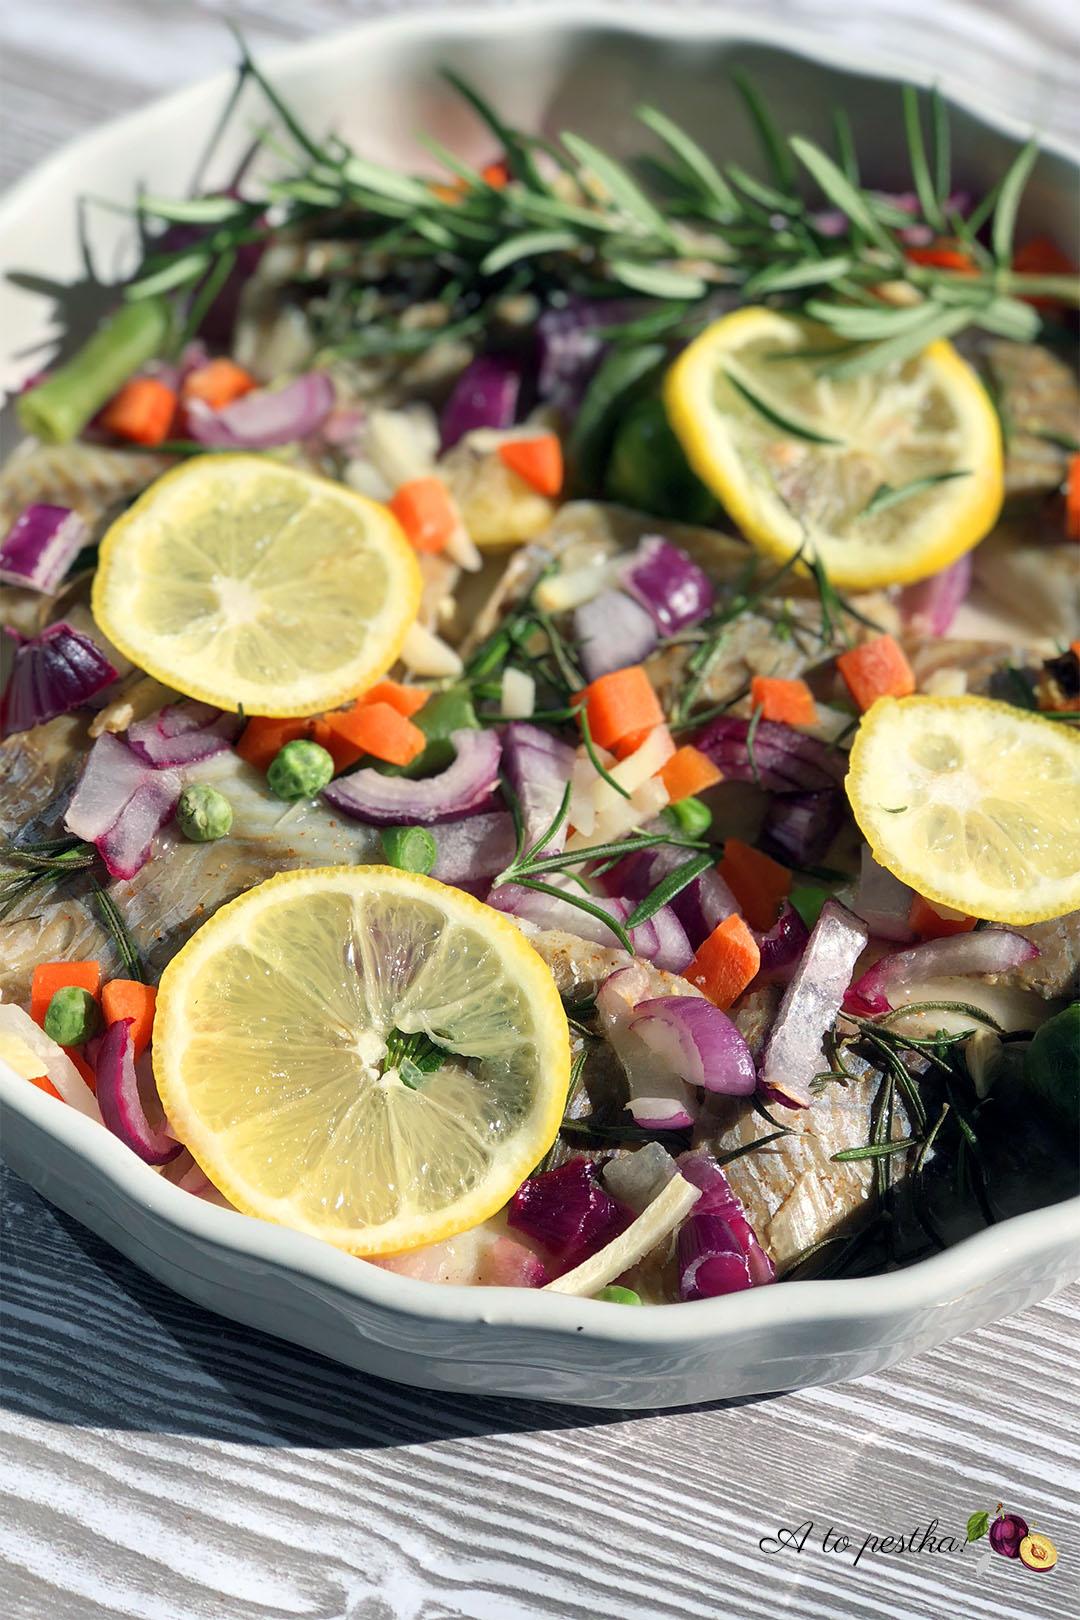 Dorsz w sosie cytrynowym zapiekany z warzywami